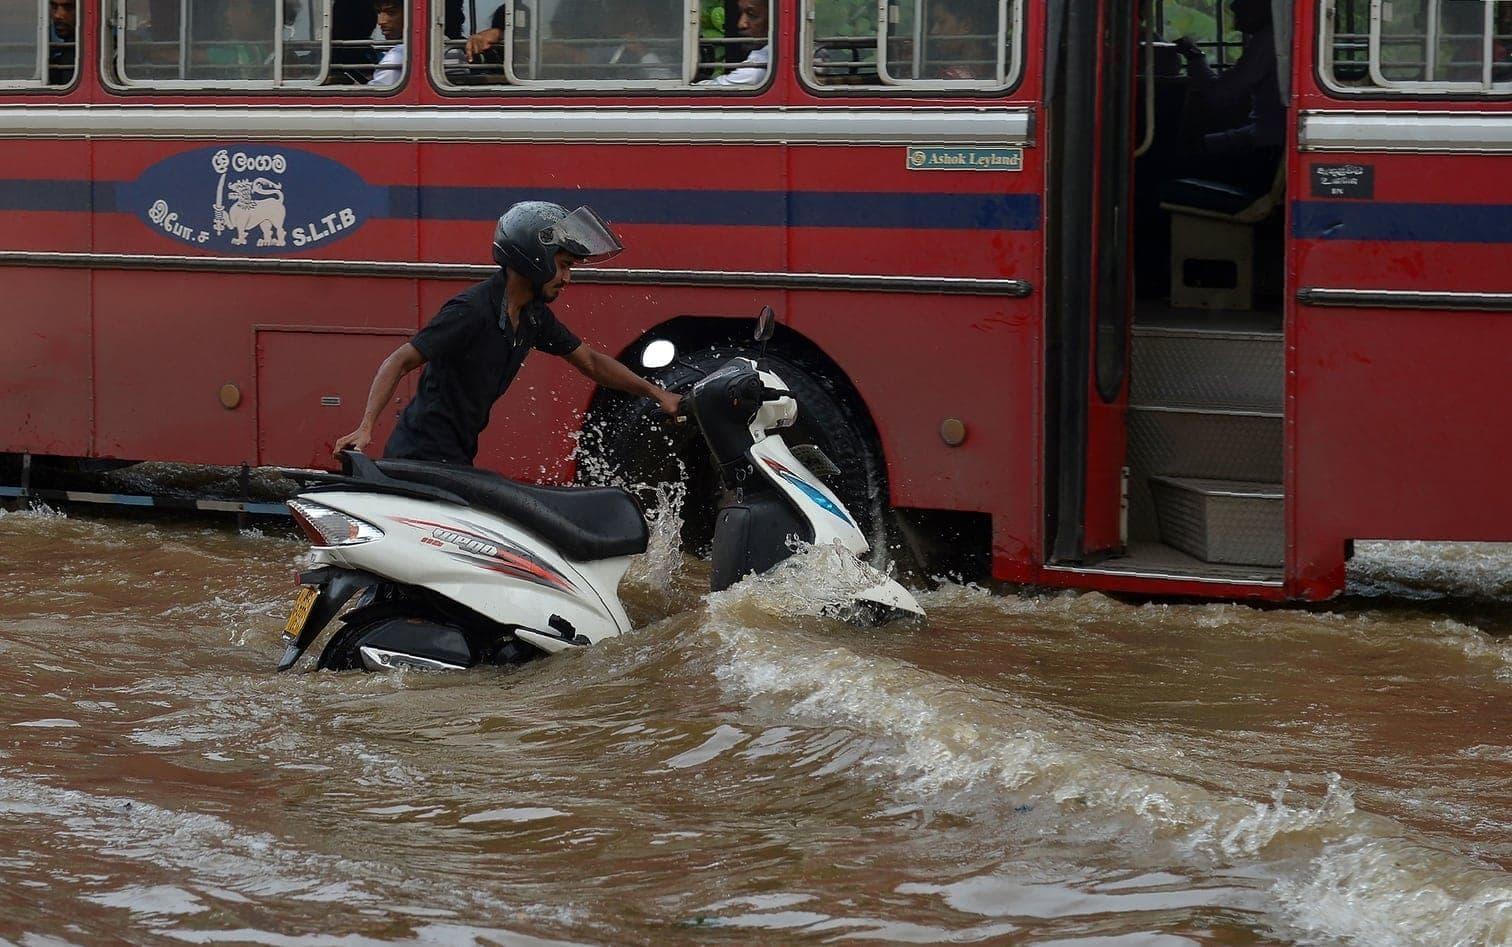 <p>Sri Lanka erlebt jedes Jahr zwei Monsunzeiten - eine davon beginnt im Mai. Im übrigen Südasien dauert die stürmische Jahreszeit in der Regel von Juni bis September. Im Mai vergangenen Jahres kamen in Sri Lanka mehr als 200 Menschen bei Erdrutschen und Überschwemmungen ums Leben.</p> Foto: dpa